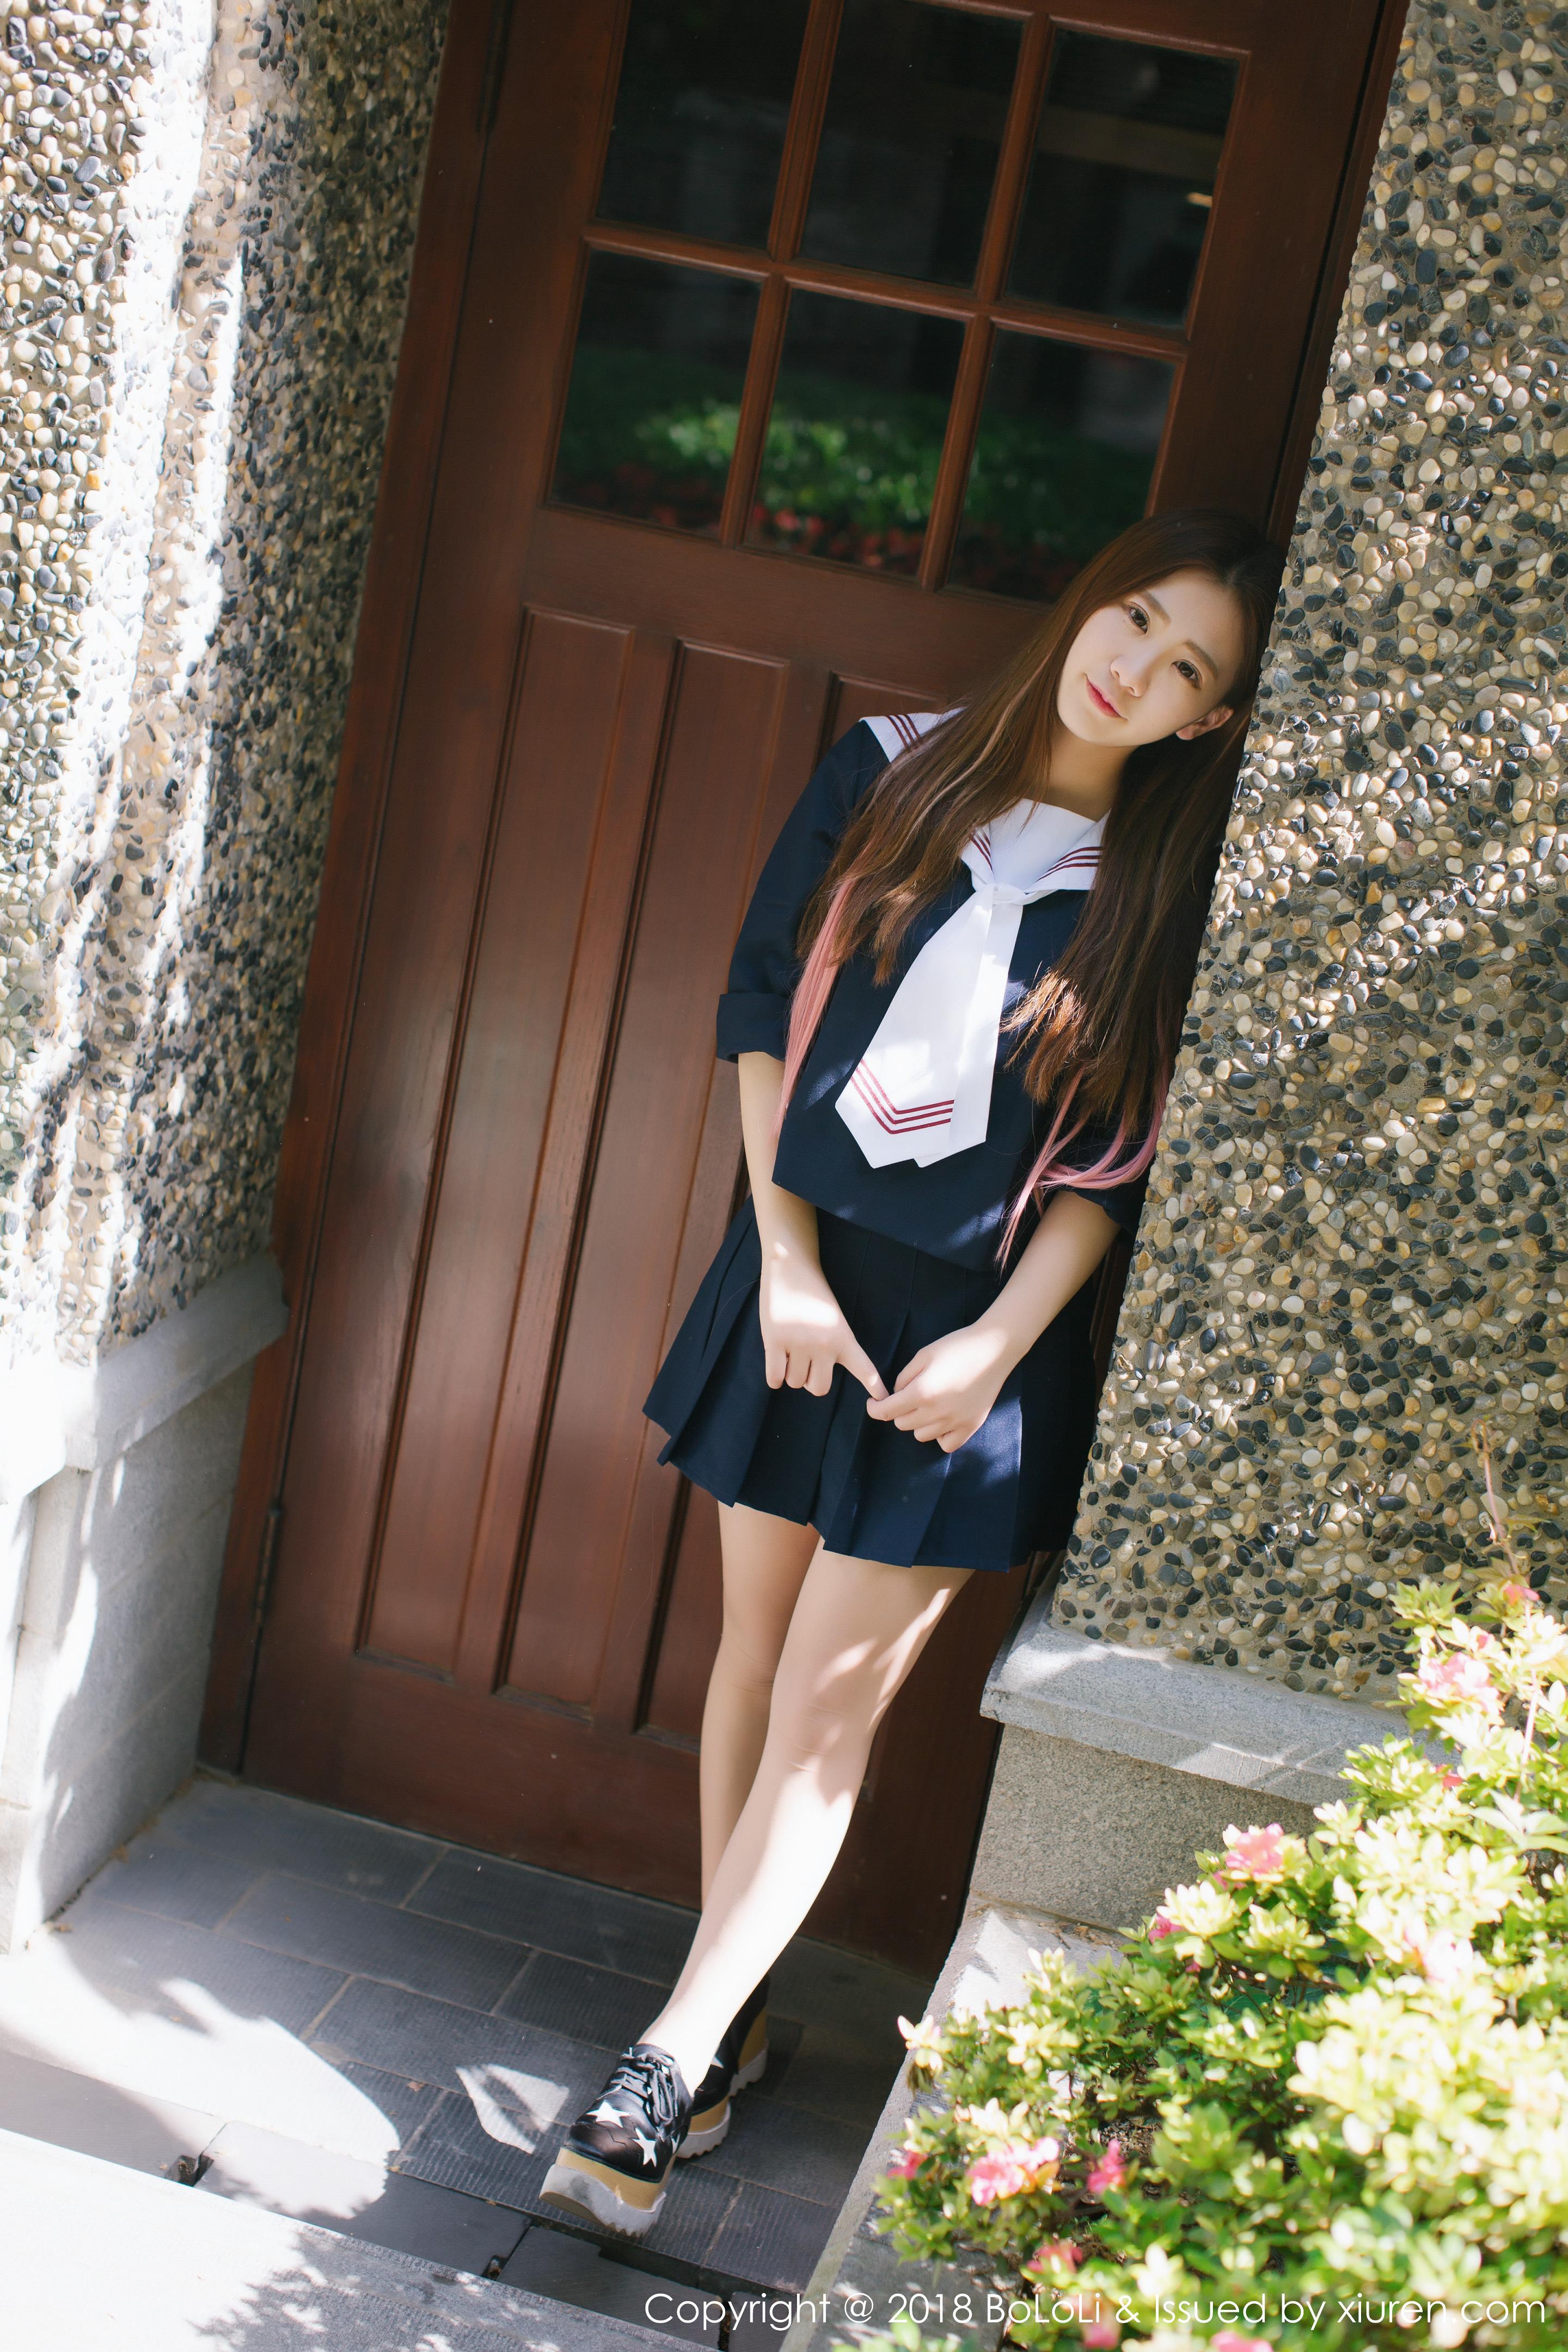 [BoLoli波萝社]BLS20180207VOL0107 清纯可爱小萝莉 董成丽 高中女生制服私房写真集